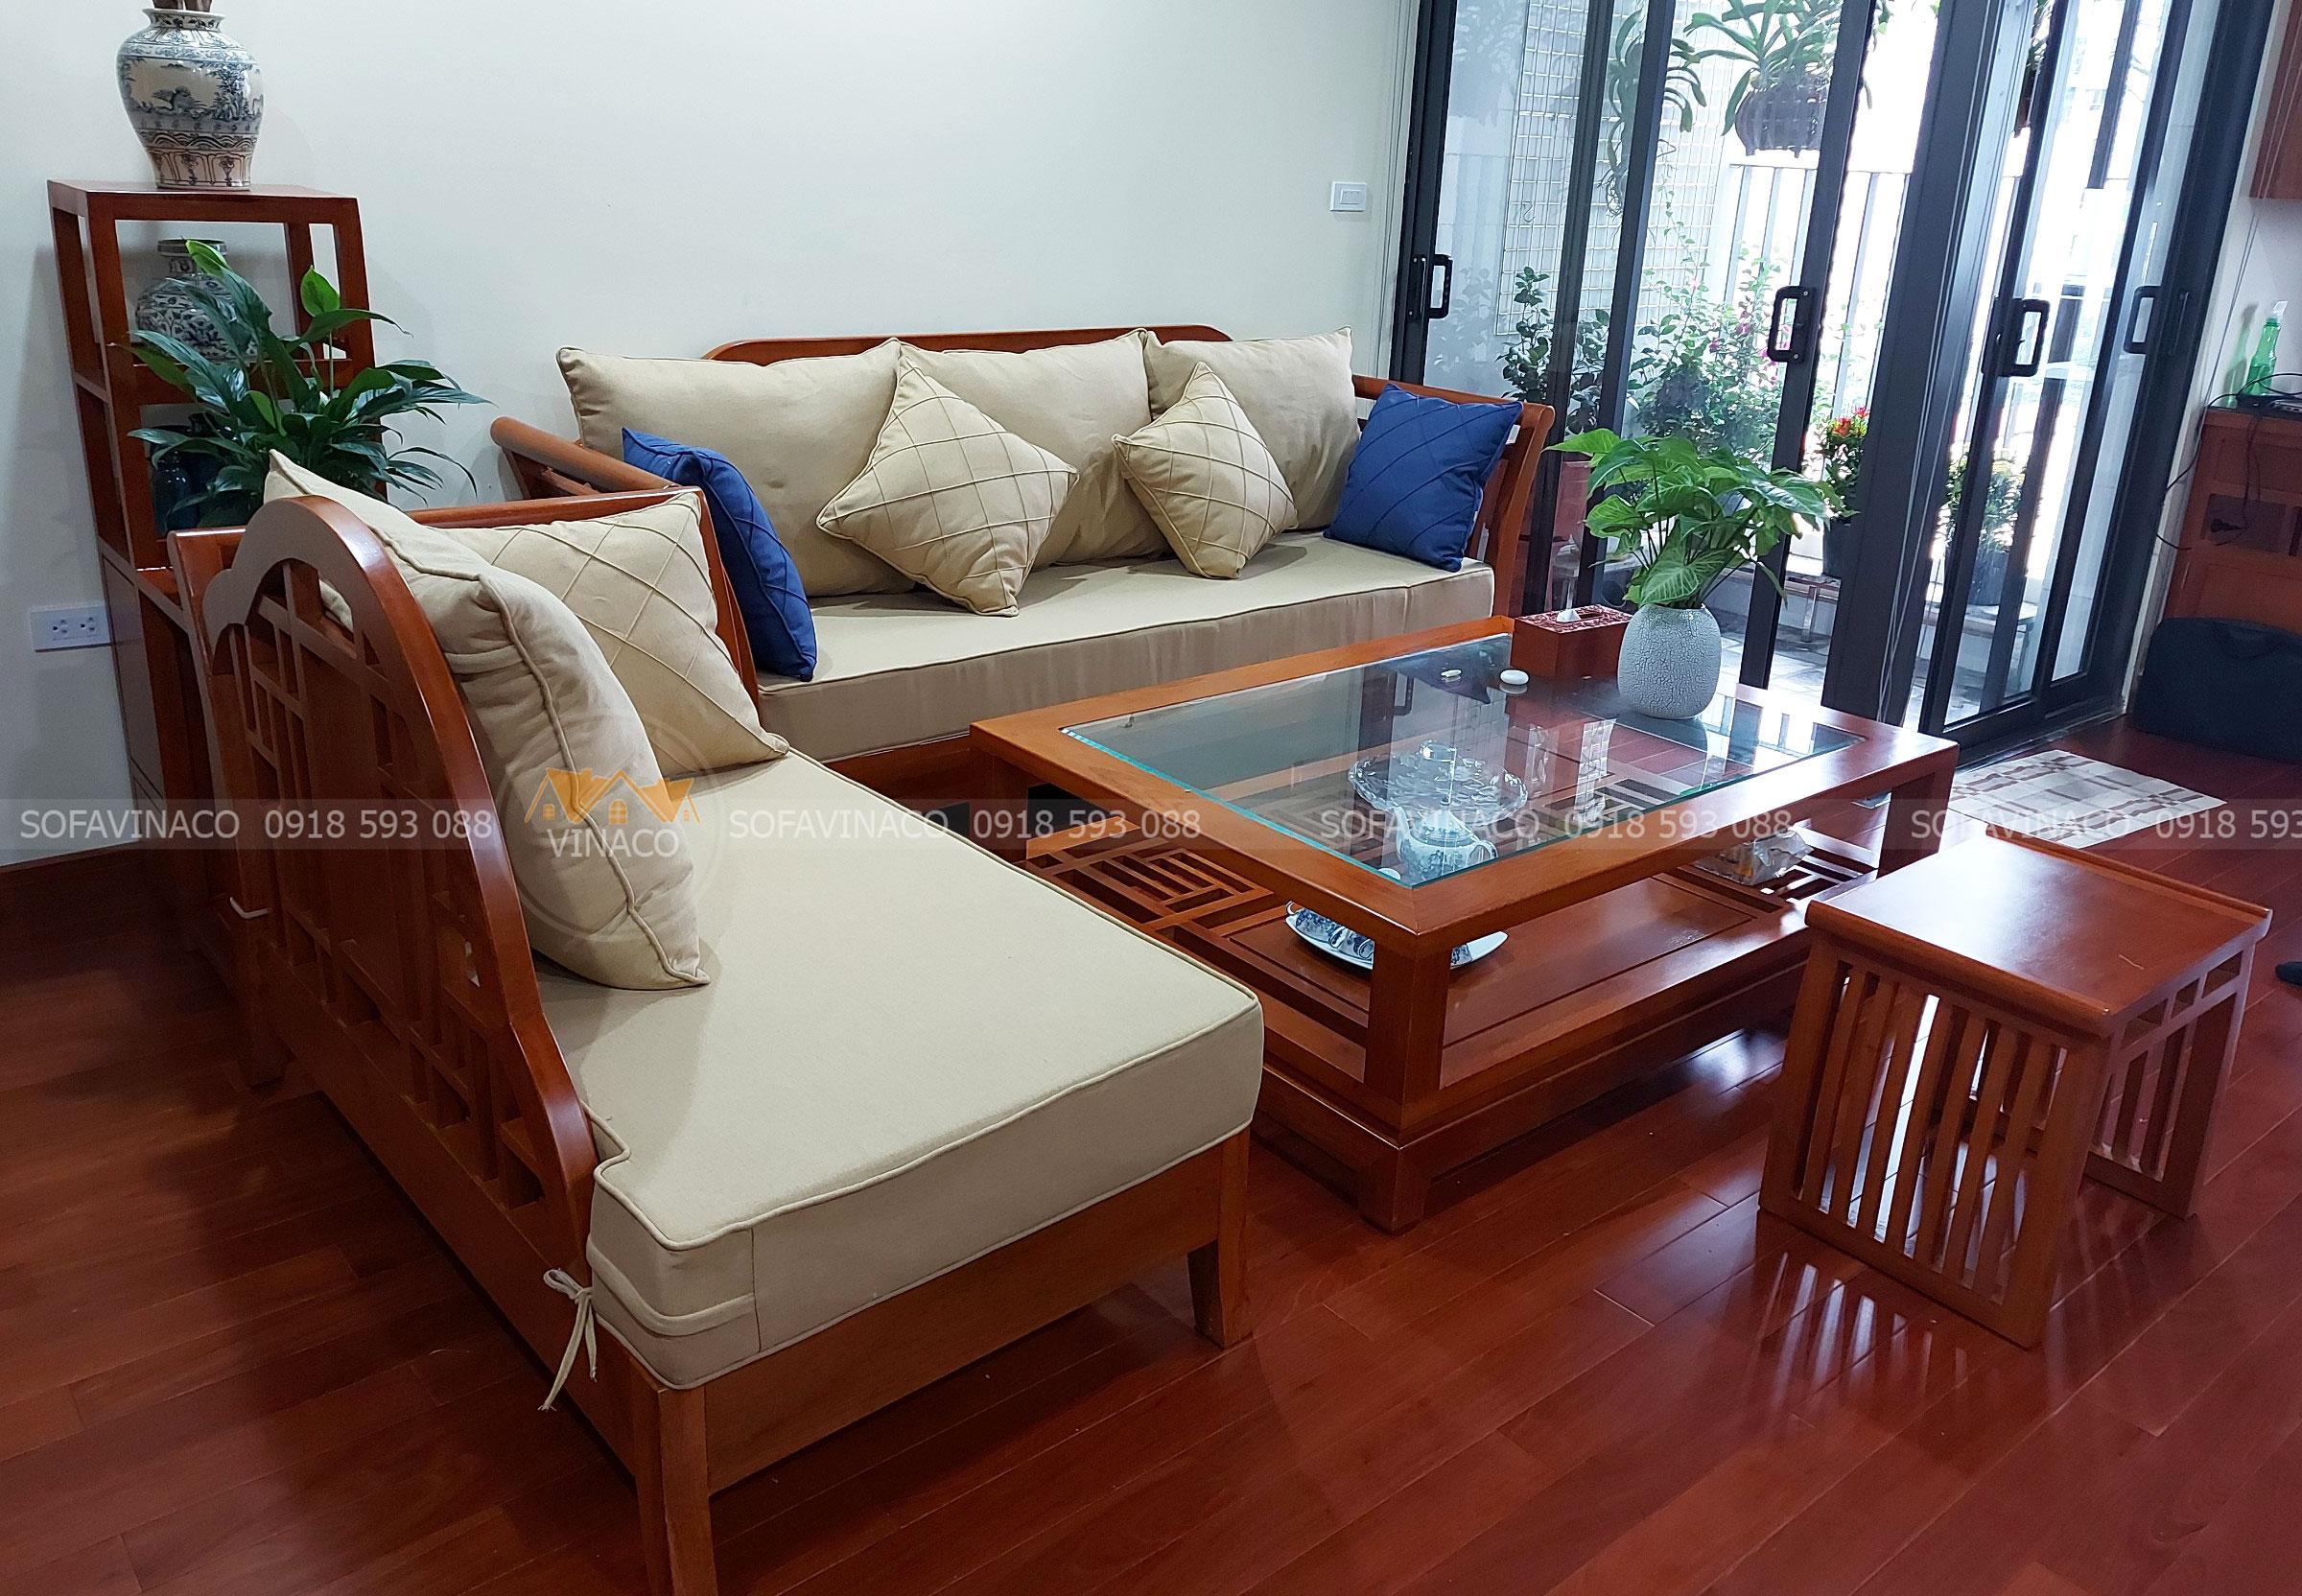 Làm đệm ghế gỗ sofa vải nỉ tại Tây Hồ, Hà Nội